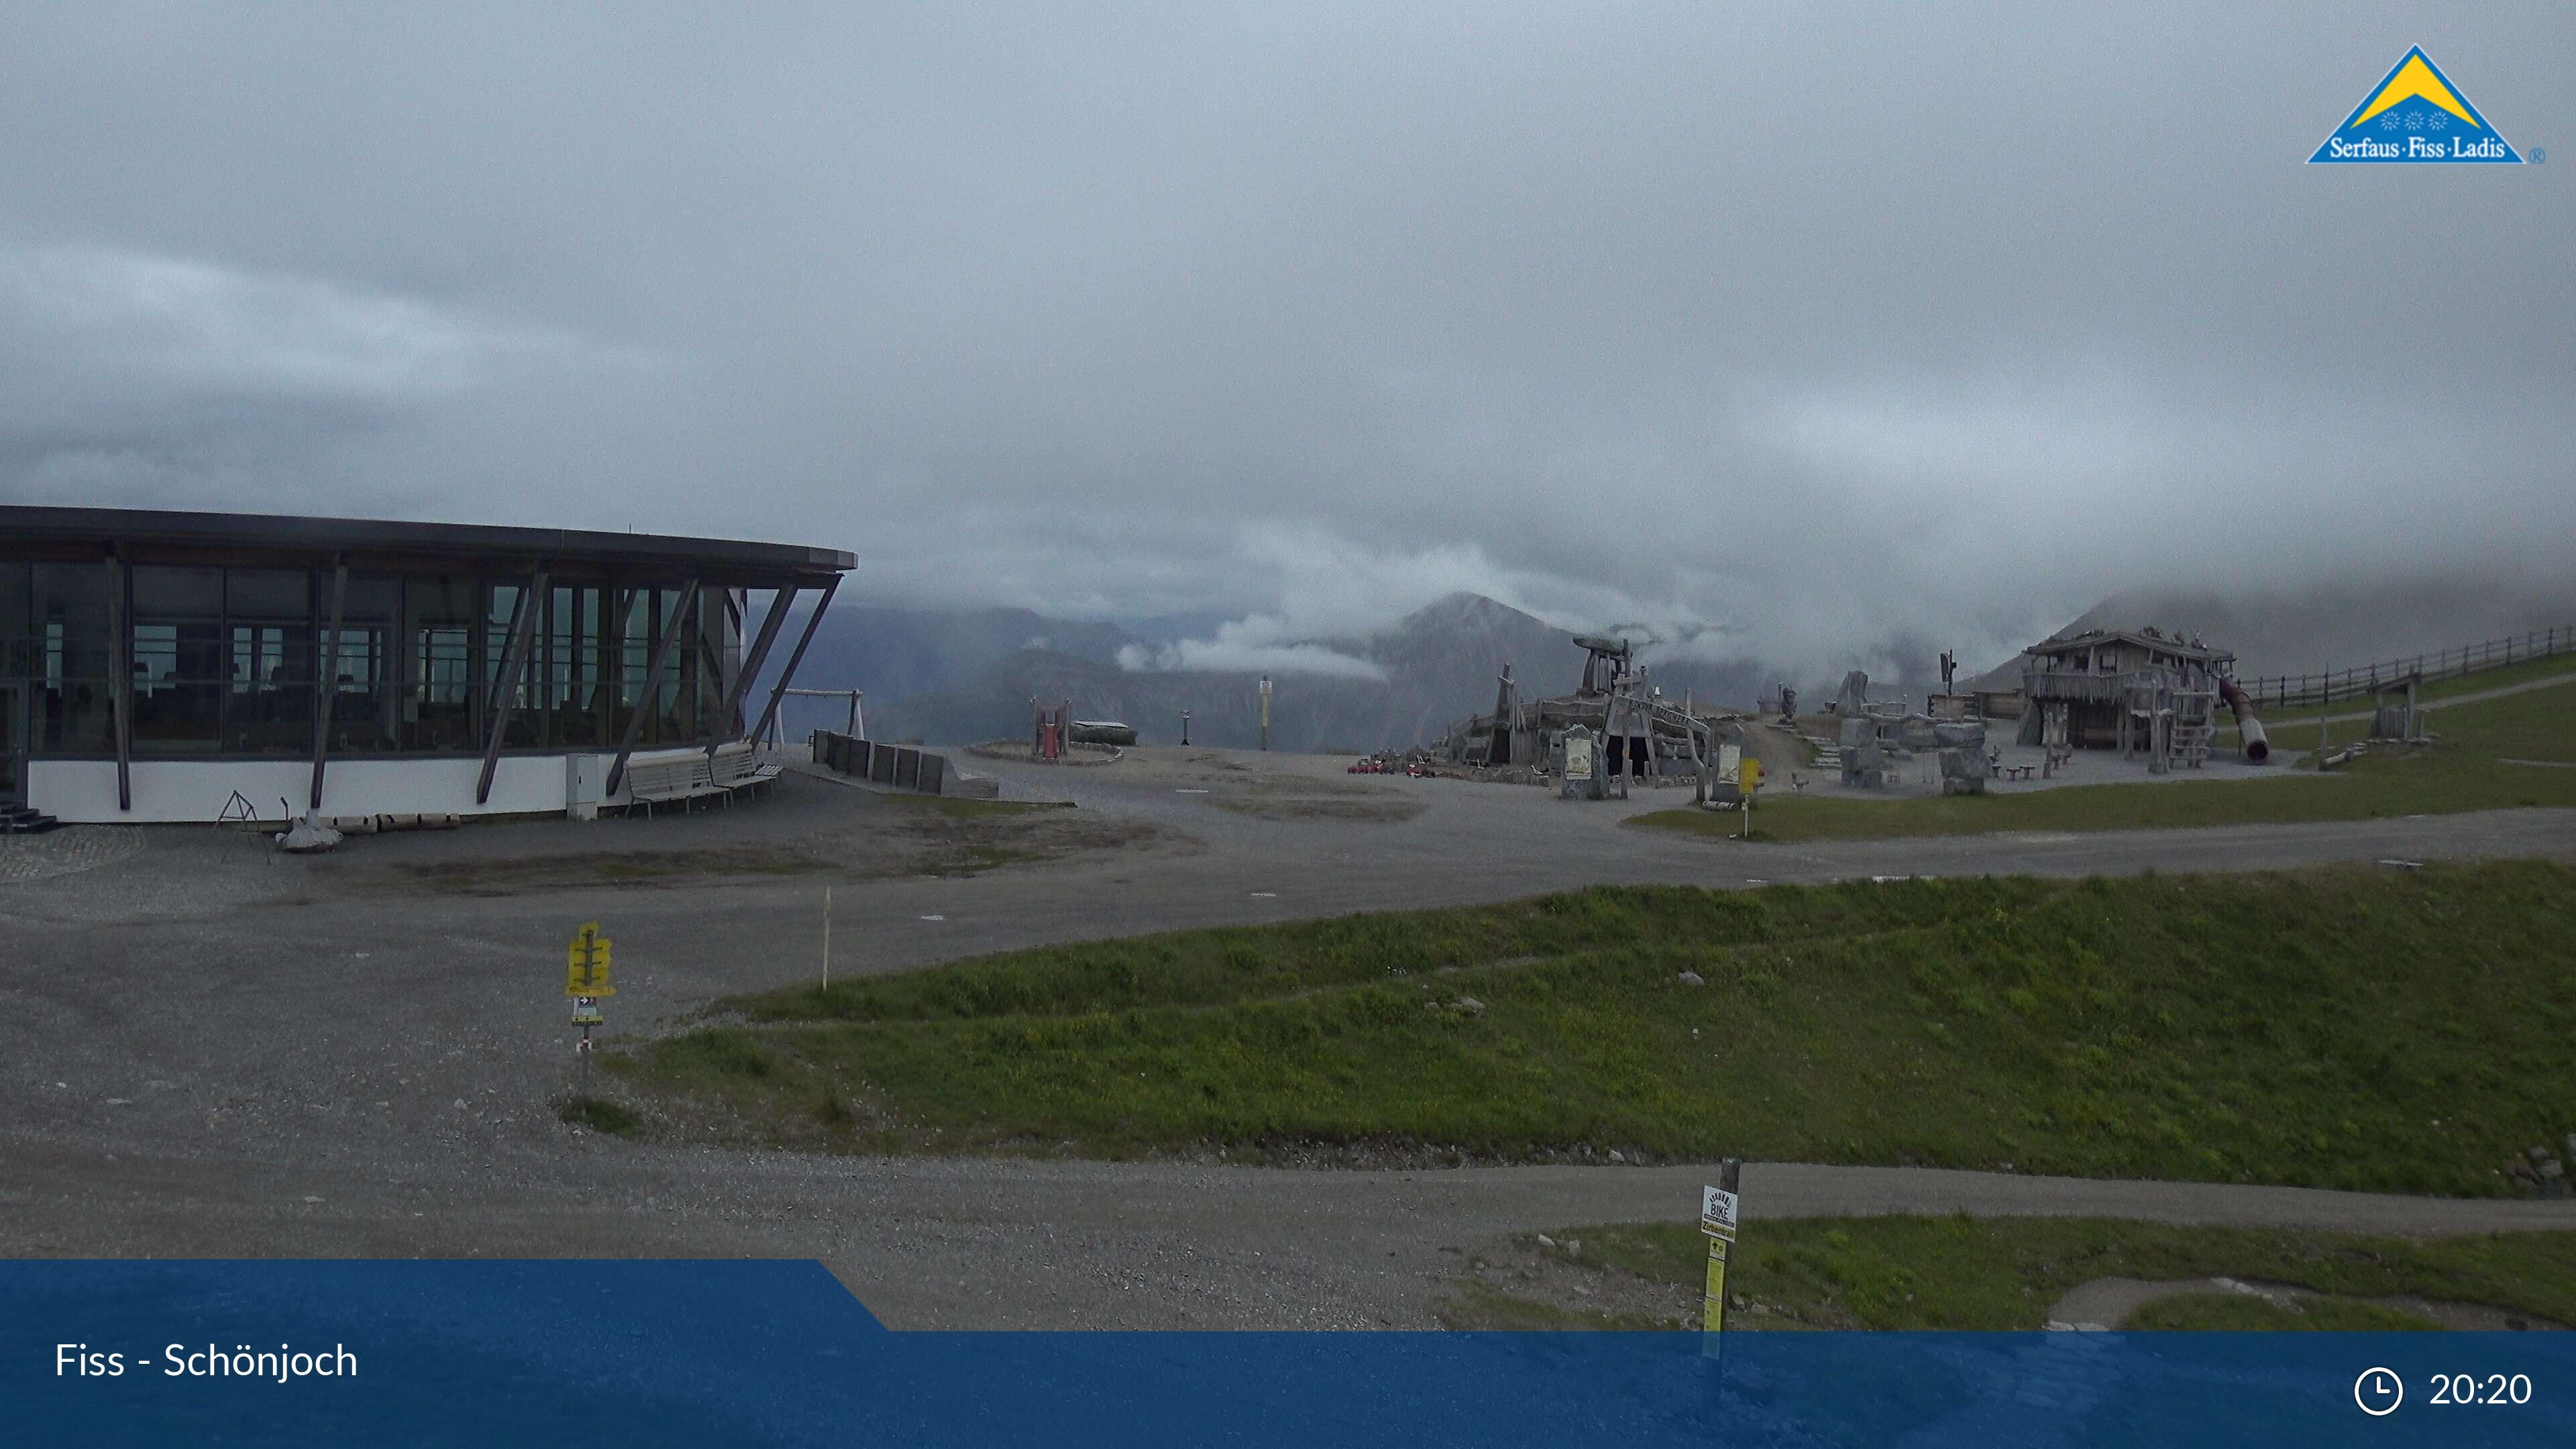 Serfaus - Fiss webcam - Schoenjoch